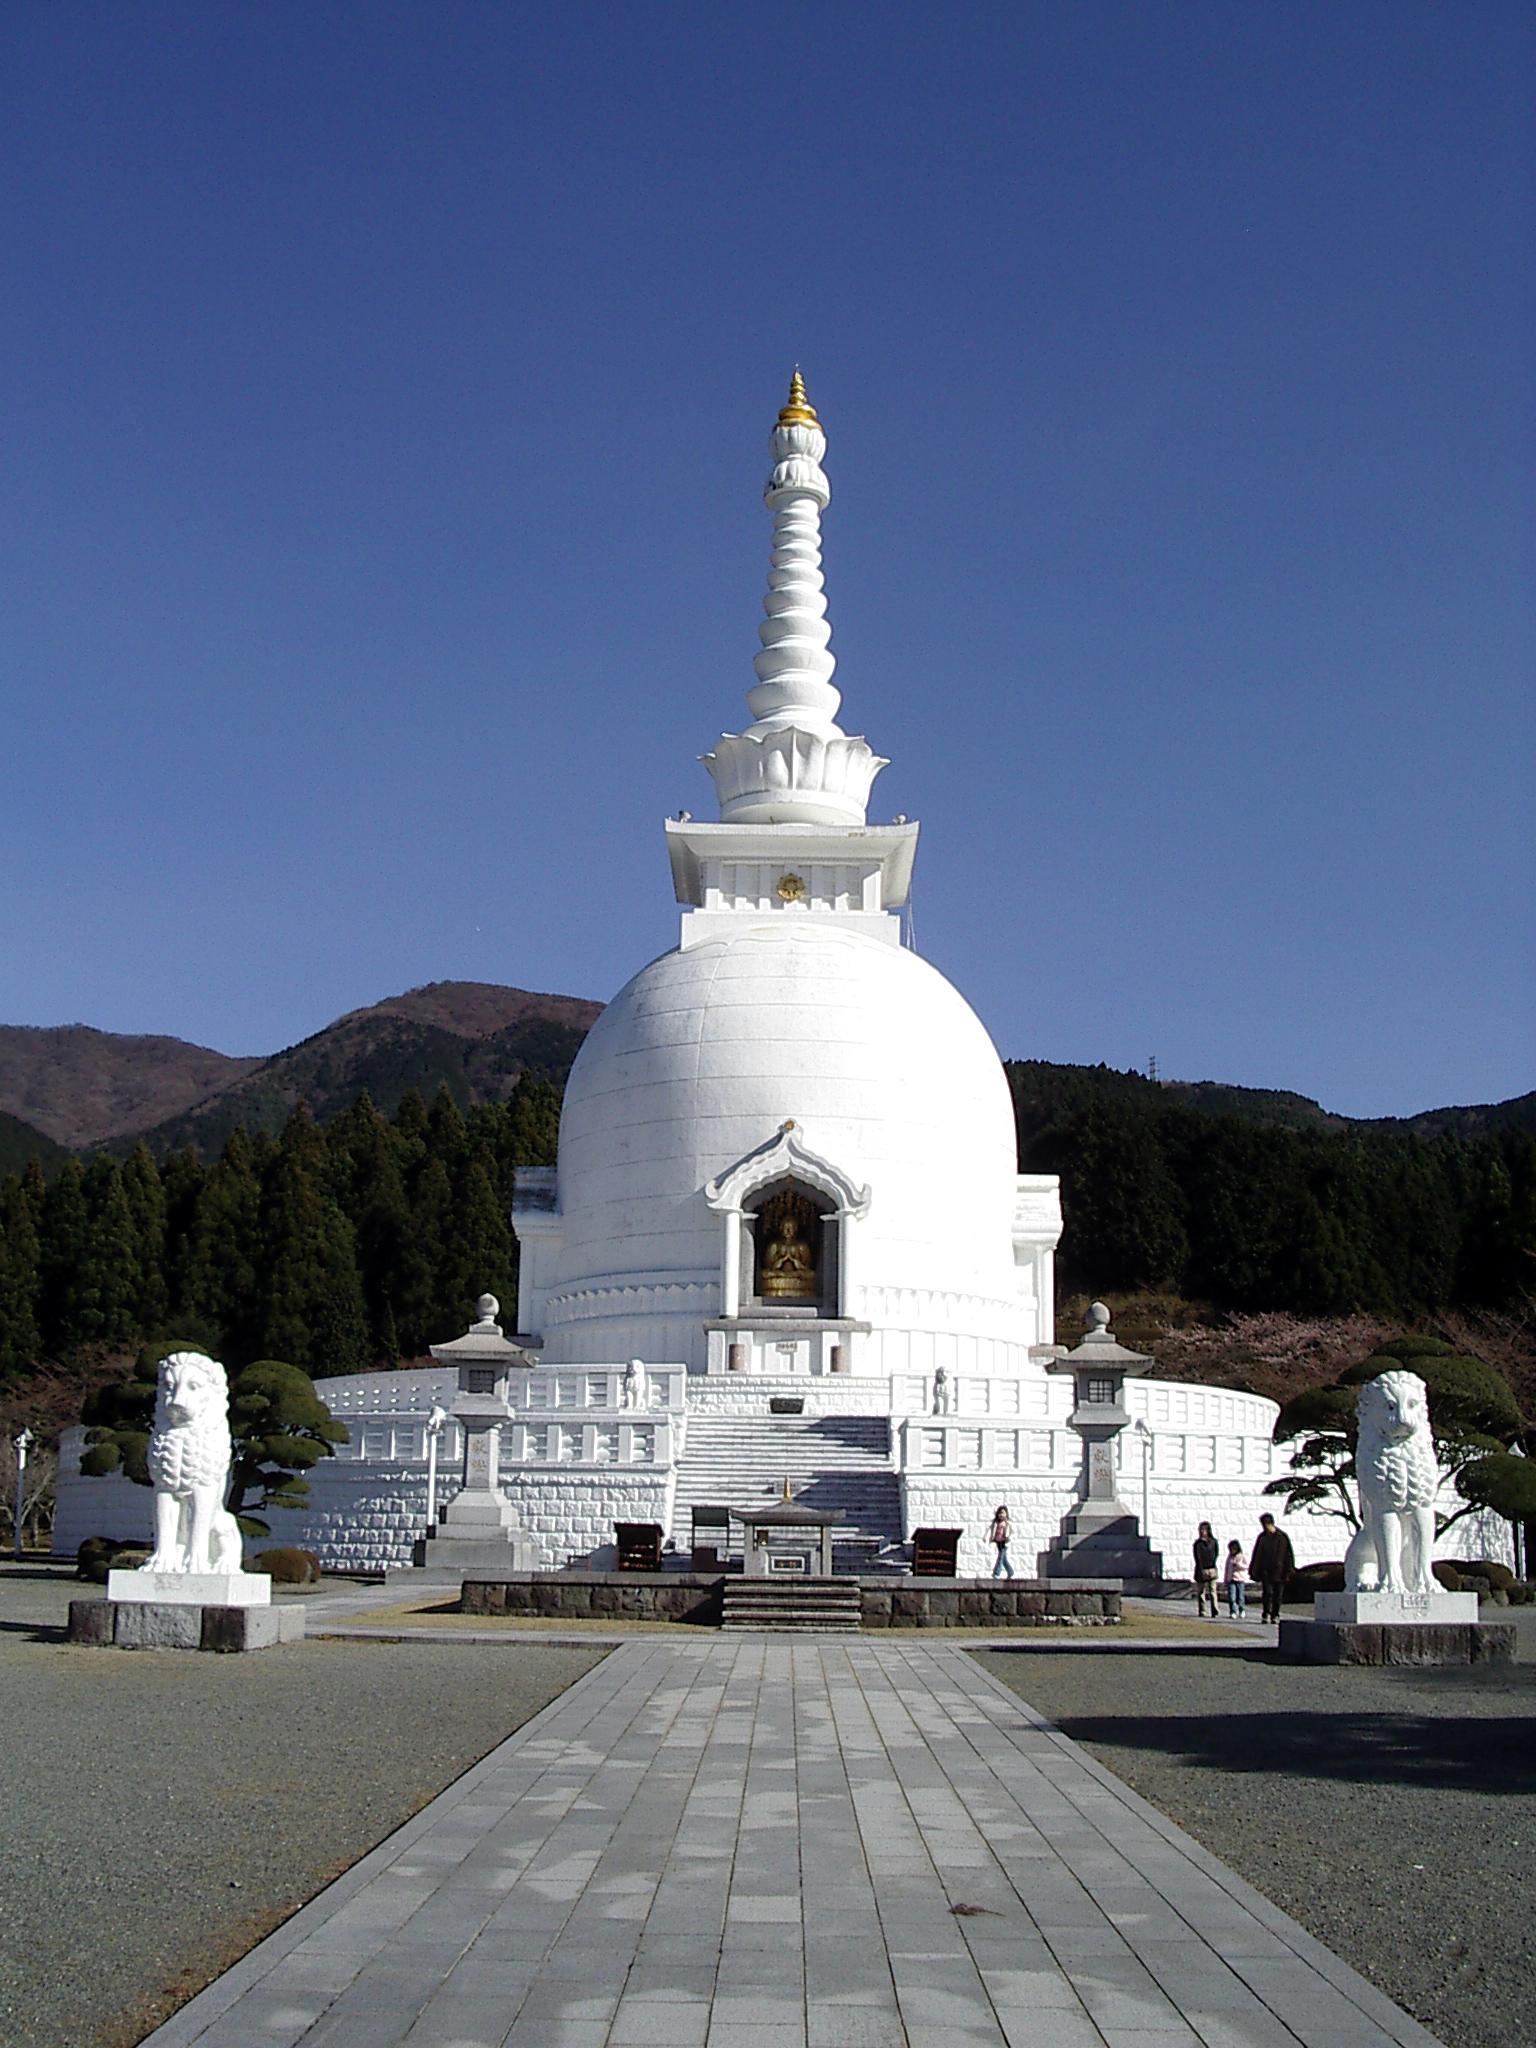 Stupa - Wikipedia